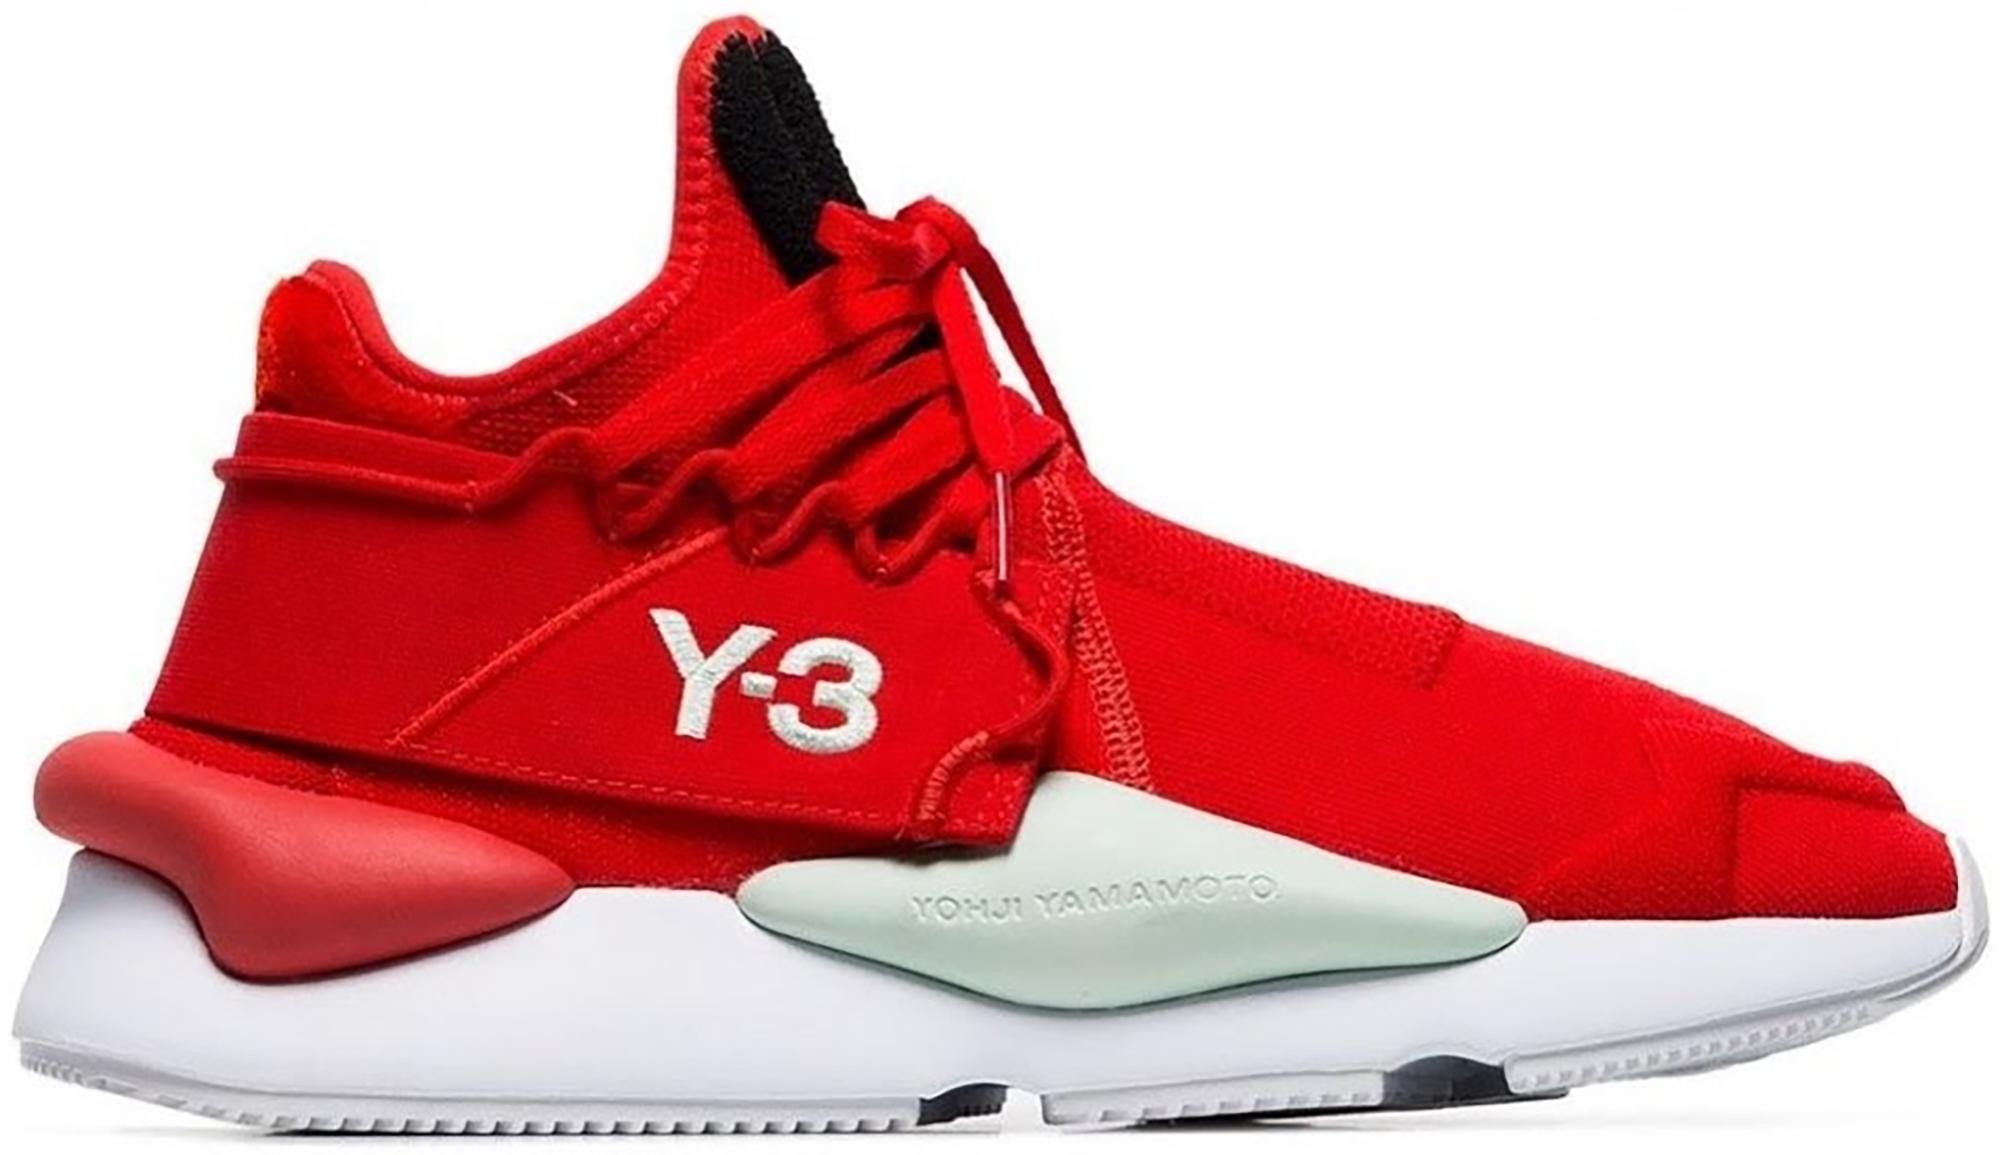 adidas Y-3 Kaiwa Knit Red - F97420